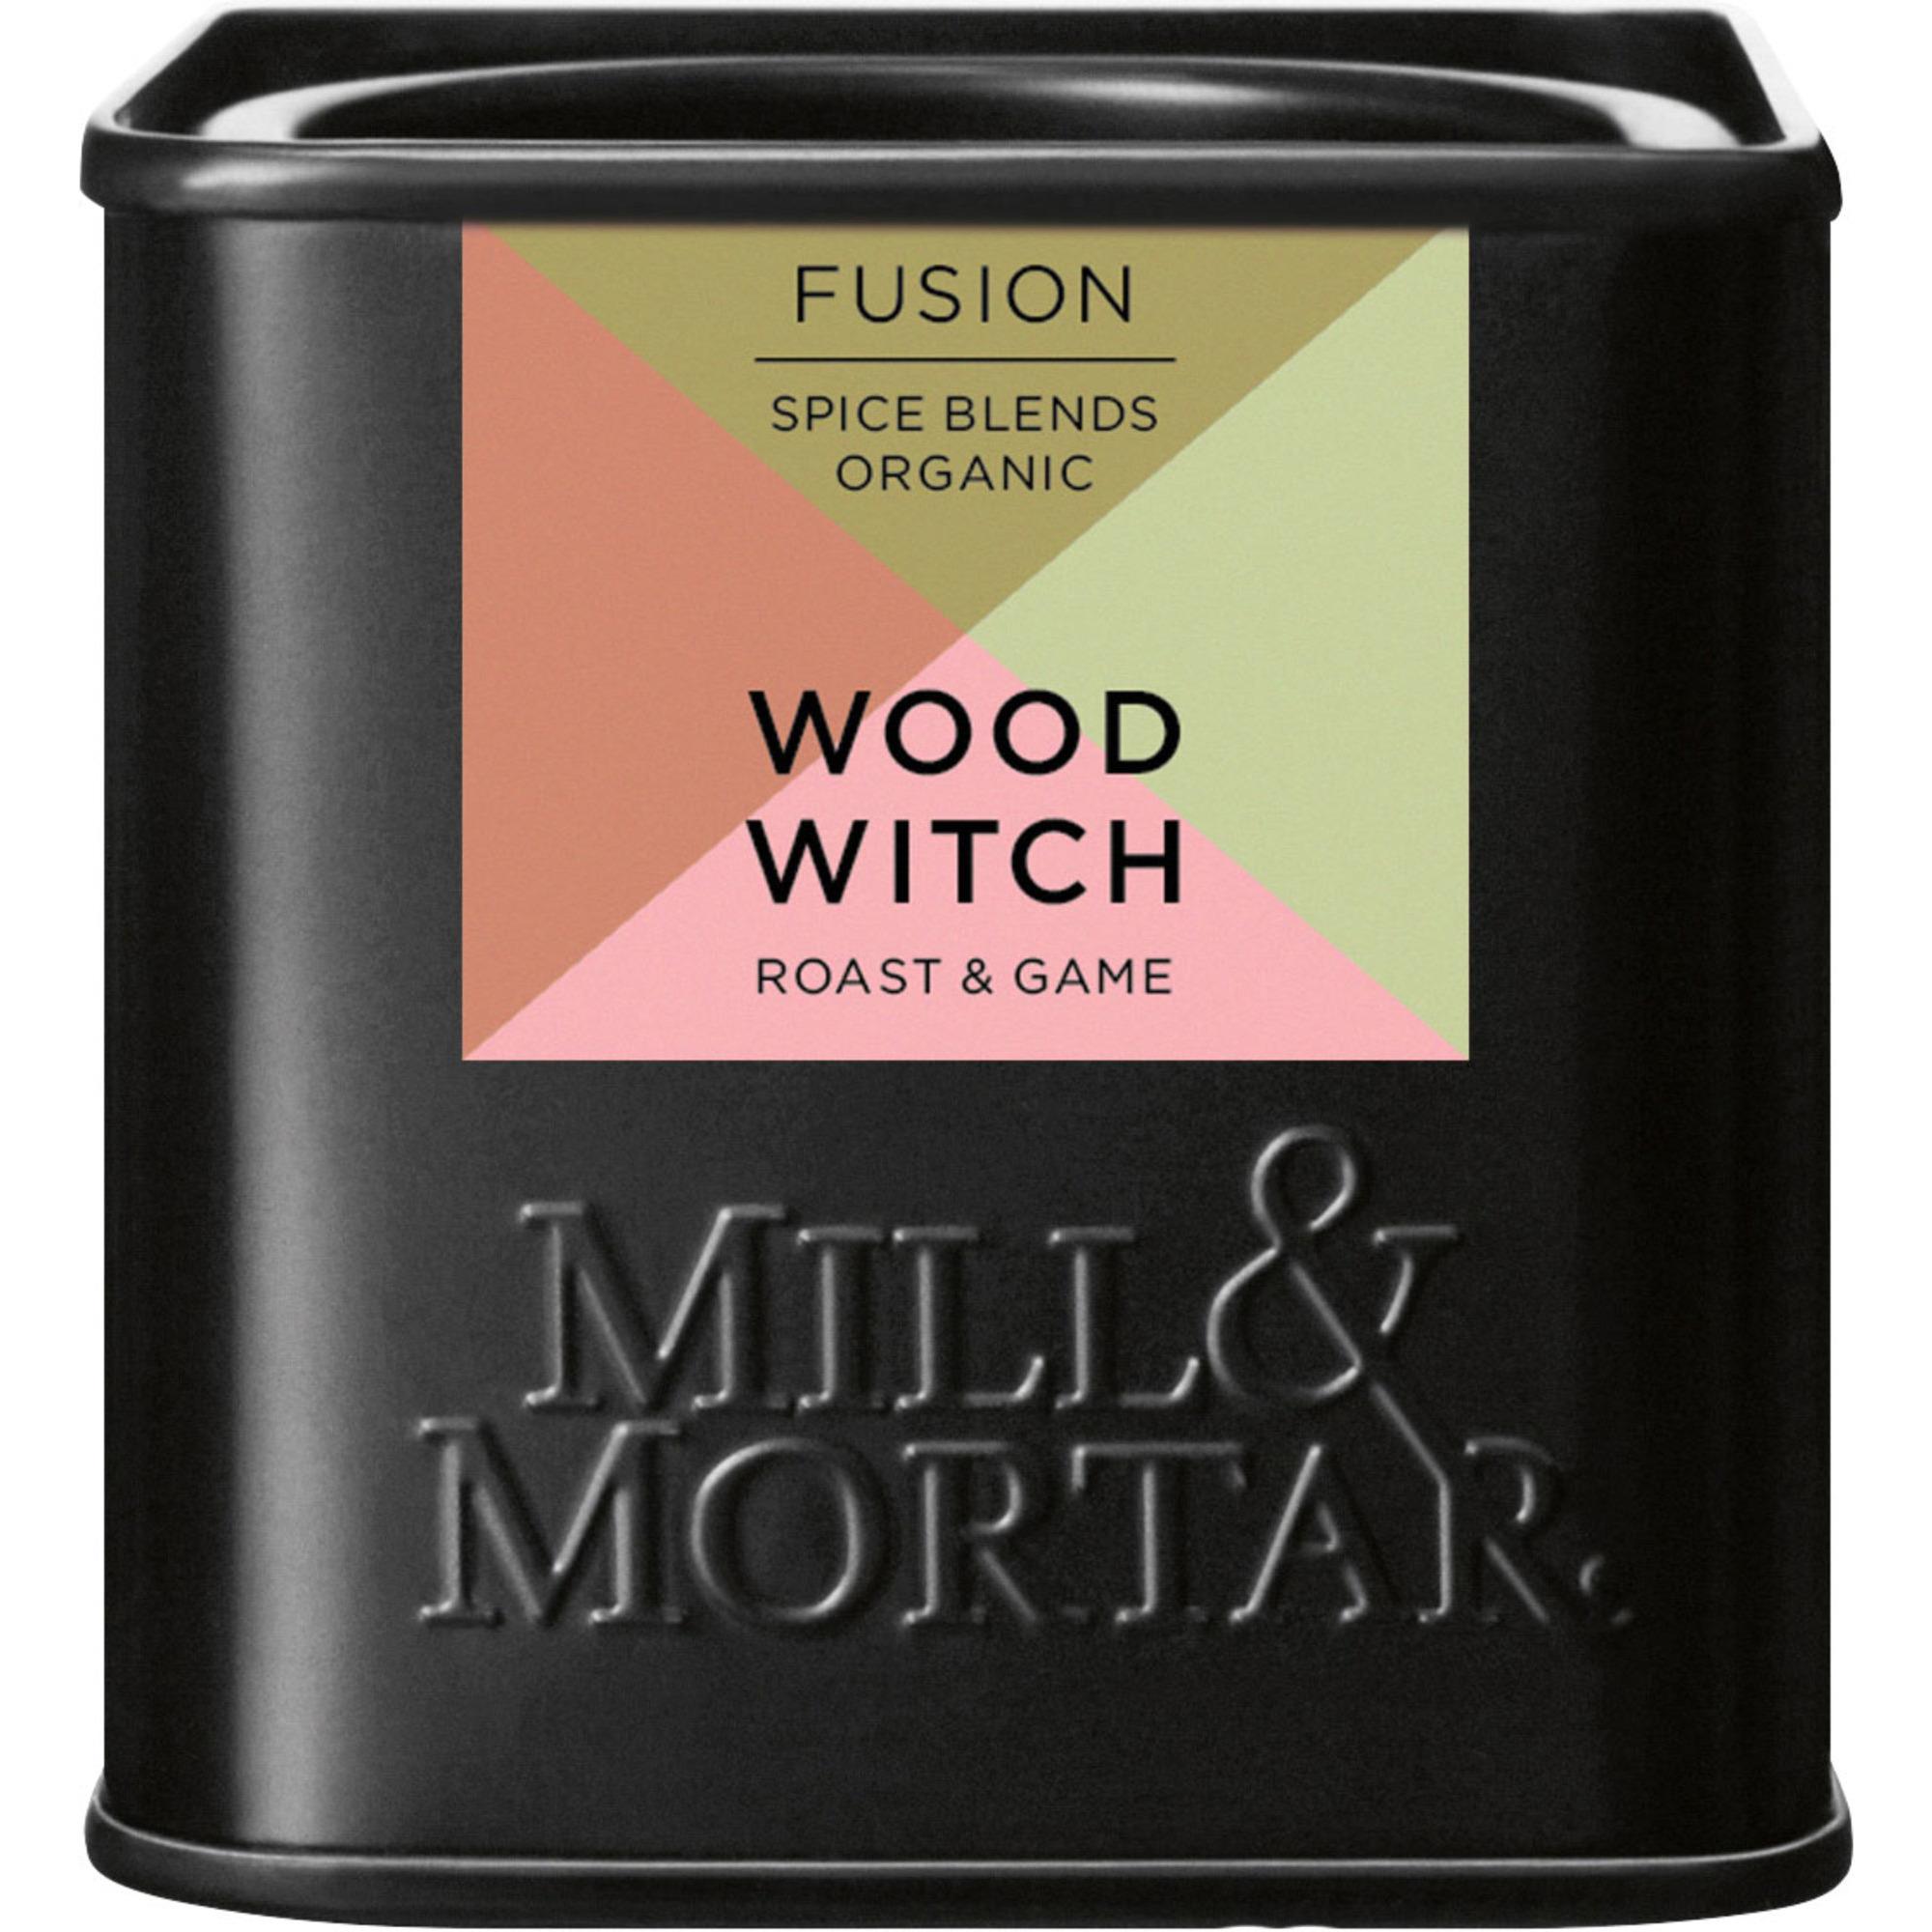 Mill & Mortar Ekologisk Wood Witch krydda